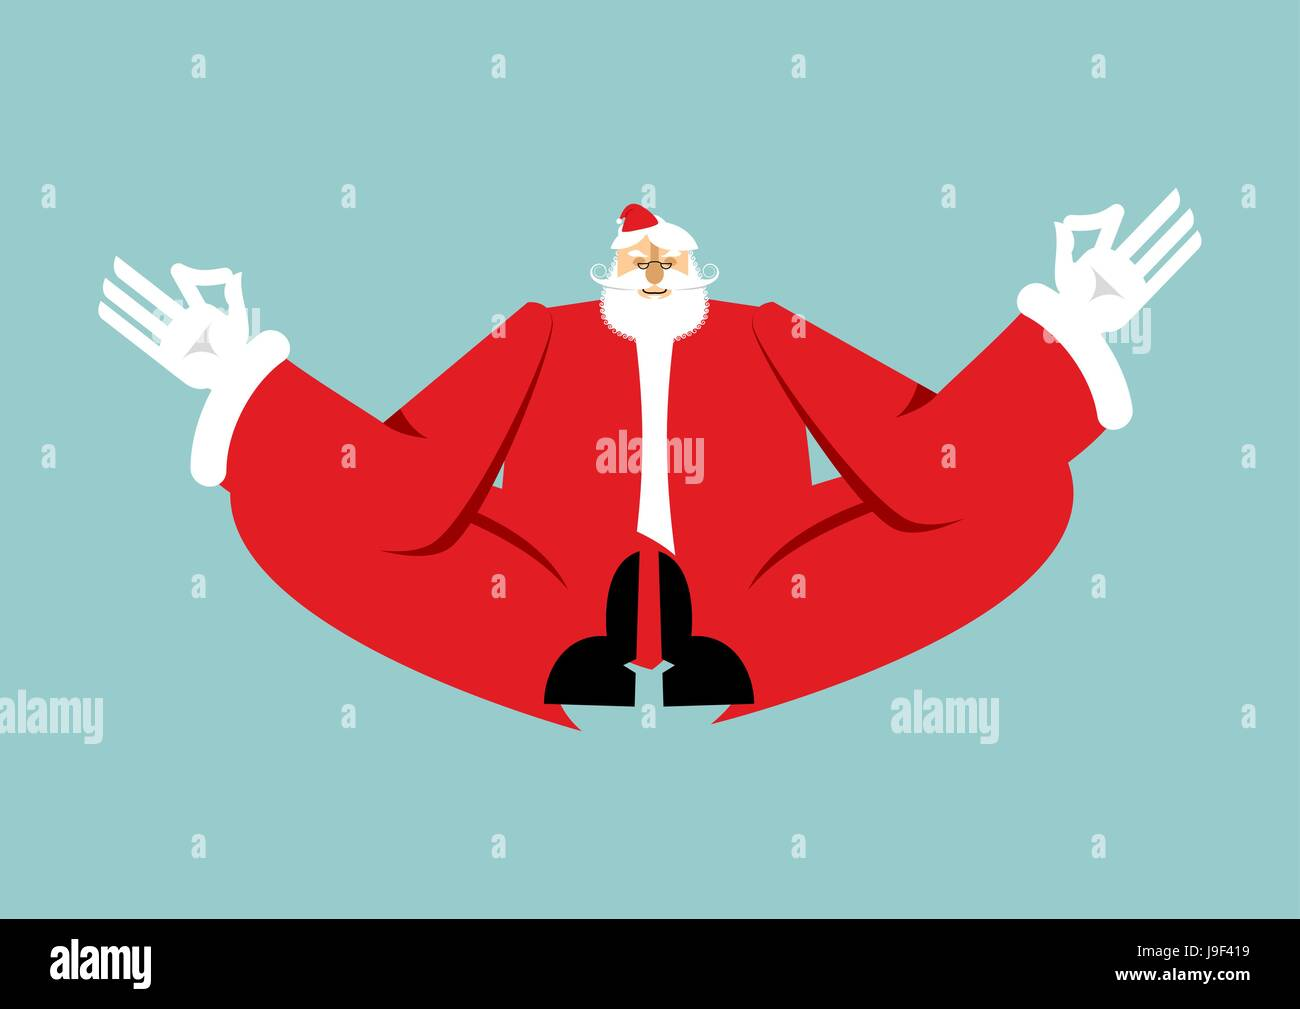 Immagini Natale Zen.Il Natale Di Yoga Santa Claus Yogi Anno Nuovo Zen Nonno In Posizione Del Loto Xmas Illuminismo E Relax Immagine E Vettoriale Alamy